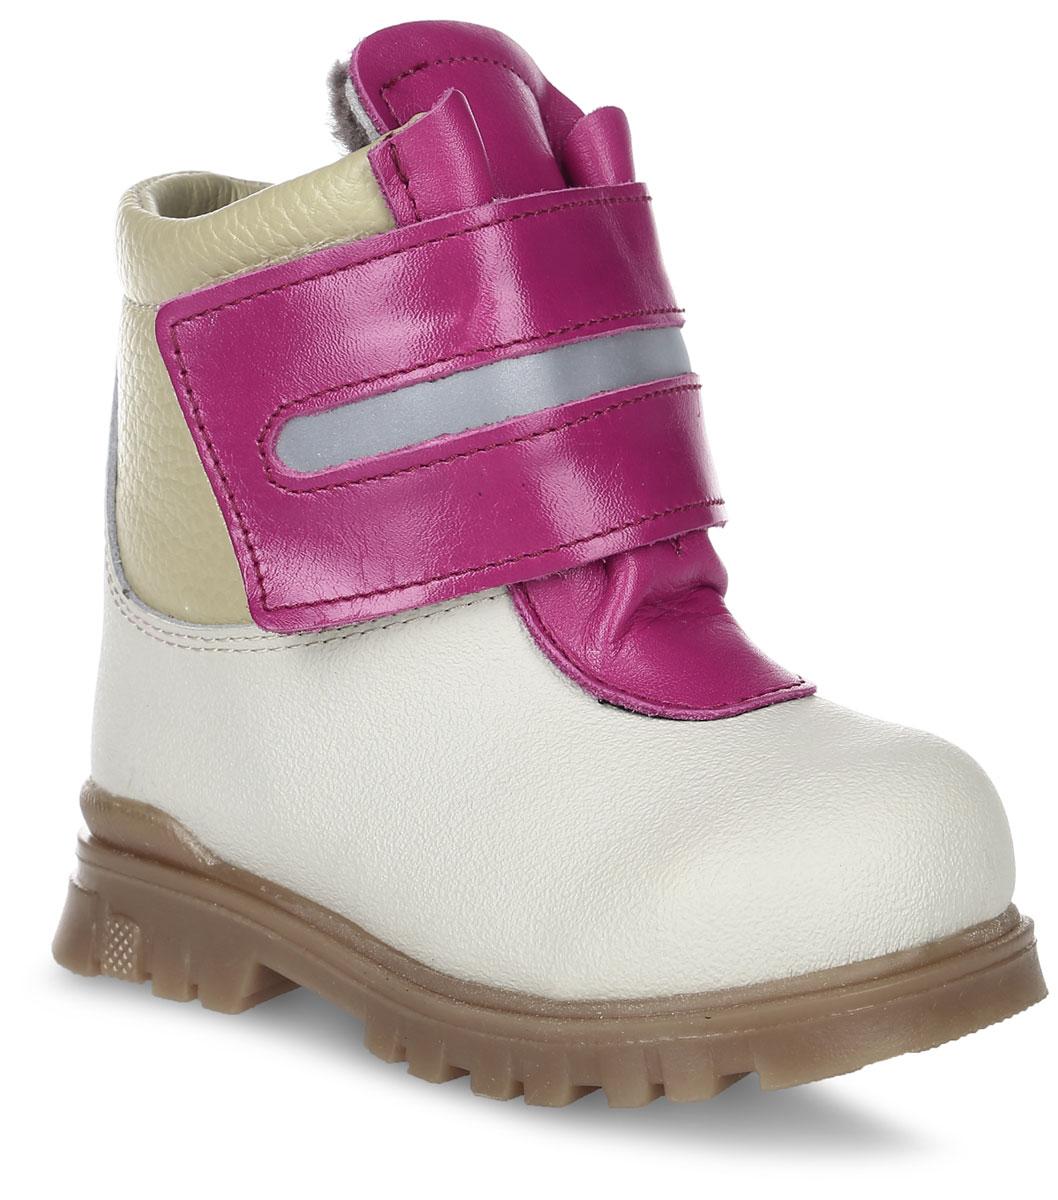 Ботинки для девочки Зебра, цвет: светло-серый, бежевый, розовый. 11187-9. Размер 2611187-9Ботинки от Зебра полностью выполнены из натуральной кожи комбинированных цветов. На ноге модель фиксируется с помощью хлястика с застежкой-липучкой. Мягкий кожаный кант создает комфорт при ходьбе и предотвращают натирание ножки ребенка. Внутренняя поверхность и стелька выполнены из натурального меха, который обеспечит тепло и комфорт. Подошва изготовлена из прочного и легкого ТЭП-материала. Также подошва оснащена протектором, который обеспечит отличное сцепление с любой поверхностью.